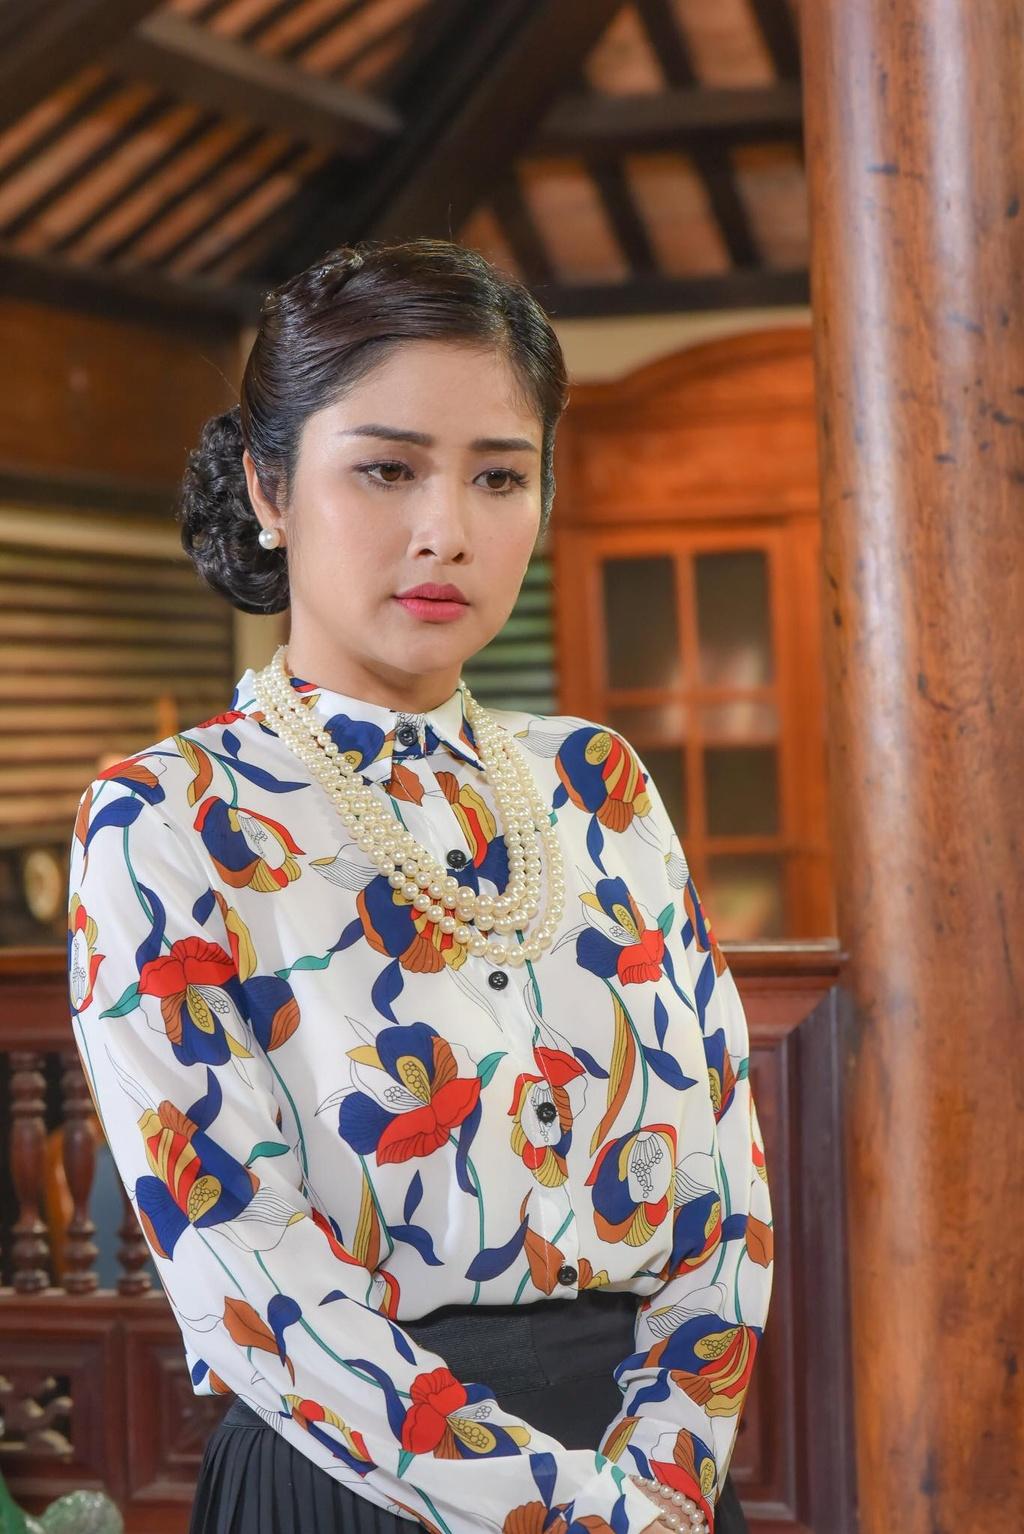 Nhan sac Thao Trang khi dong 'Tieng set trong mua' hinh anh 5